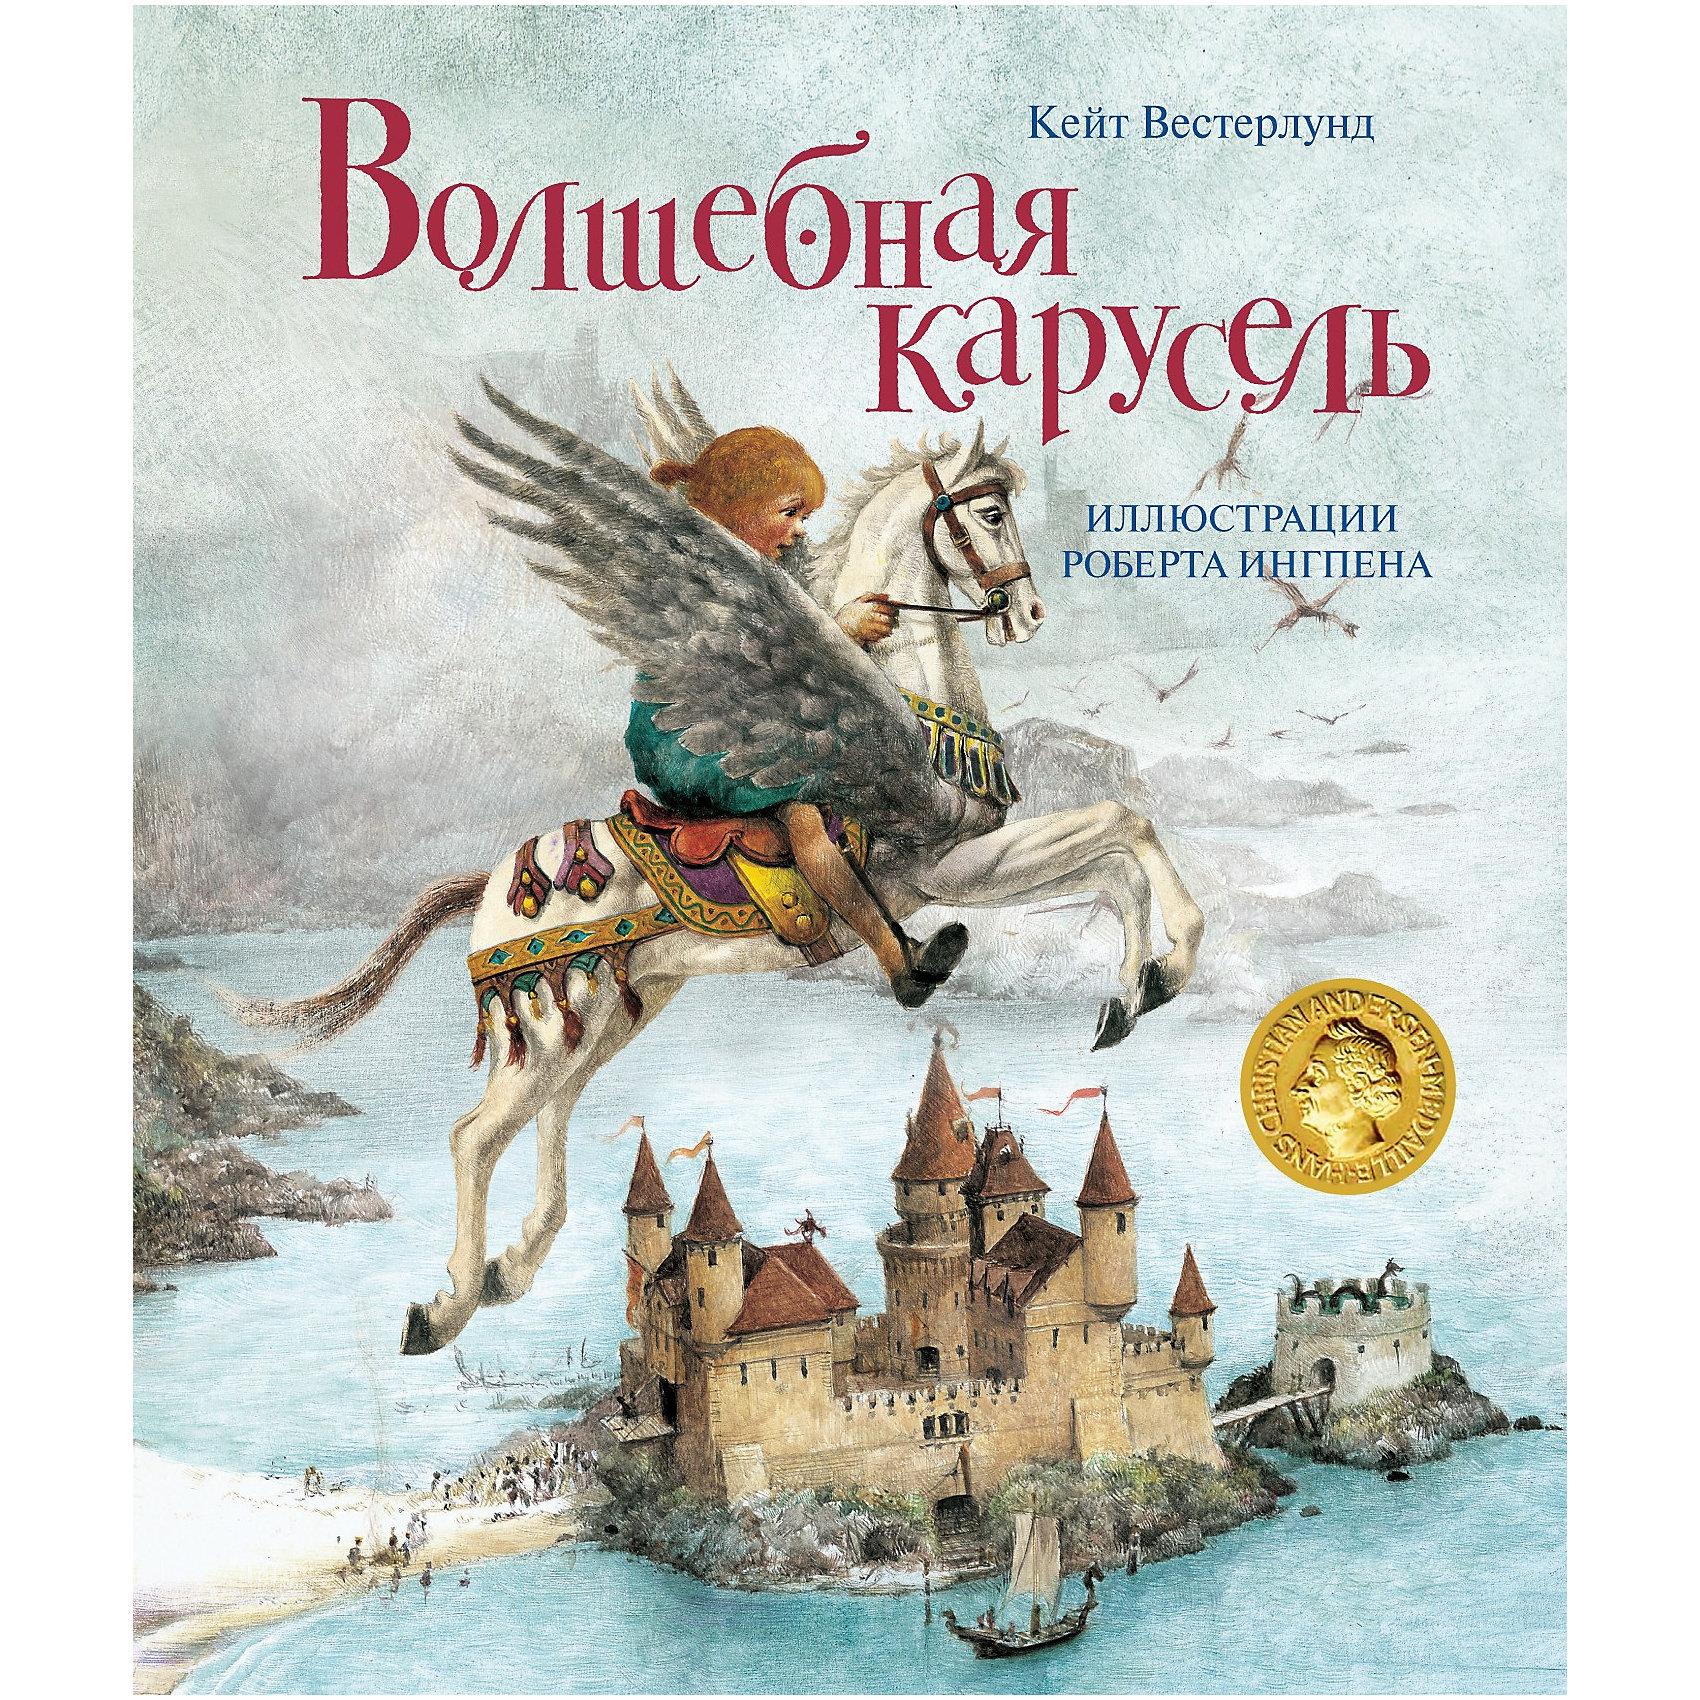 Волшебная карусель, Кейт ВестерлундМахаон<br>Увлекательная книга К. Вестерлунд Волшебная карусель, Махаон погрузит маленького читателя в удивительный сказочный мир. Главная героиня, девочка Люси отправляется путешествовать в одну из прочитанных книг. Сказочный человечек по имени Талли и игрушечная лошадка Линнет показывают ей, как много интересного можно почерпнуть из книг благодаря богатой фантазии. Воображение позволяет возвращаться в любимую сказку и снова, каждый раз по новому переживая ее.<br><br>Дополнительная информация:<br><br>- Автор: Кейт Вестерлунд.<br>- Художник: Роберт Ингпен.<br>- Серия: Книги с иллюстрациями Роберта Ингпена.<br>- Переплет: твердый переплет.<br>- Иллюстрации: цветные.<br>- Объем: 30 стр.<br>- Размер: 29 x 24,5 x 1 см.<br>- Вес: 0,52 кг. <br><br>Книгу К. Вестерлунд Волшебная карусель, Махаон можно купить в нашем интернет-магазине.<br><br>Ширина мм: 280<br>Глубина мм: 235<br>Высота мм: 7<br>Вес г: 530<br>Возраст от месяцев: 84<br>Возраст до месяцев: 120<br>Пол: Унисекс<br>Возраст: Детский<br>SKU: 3868995